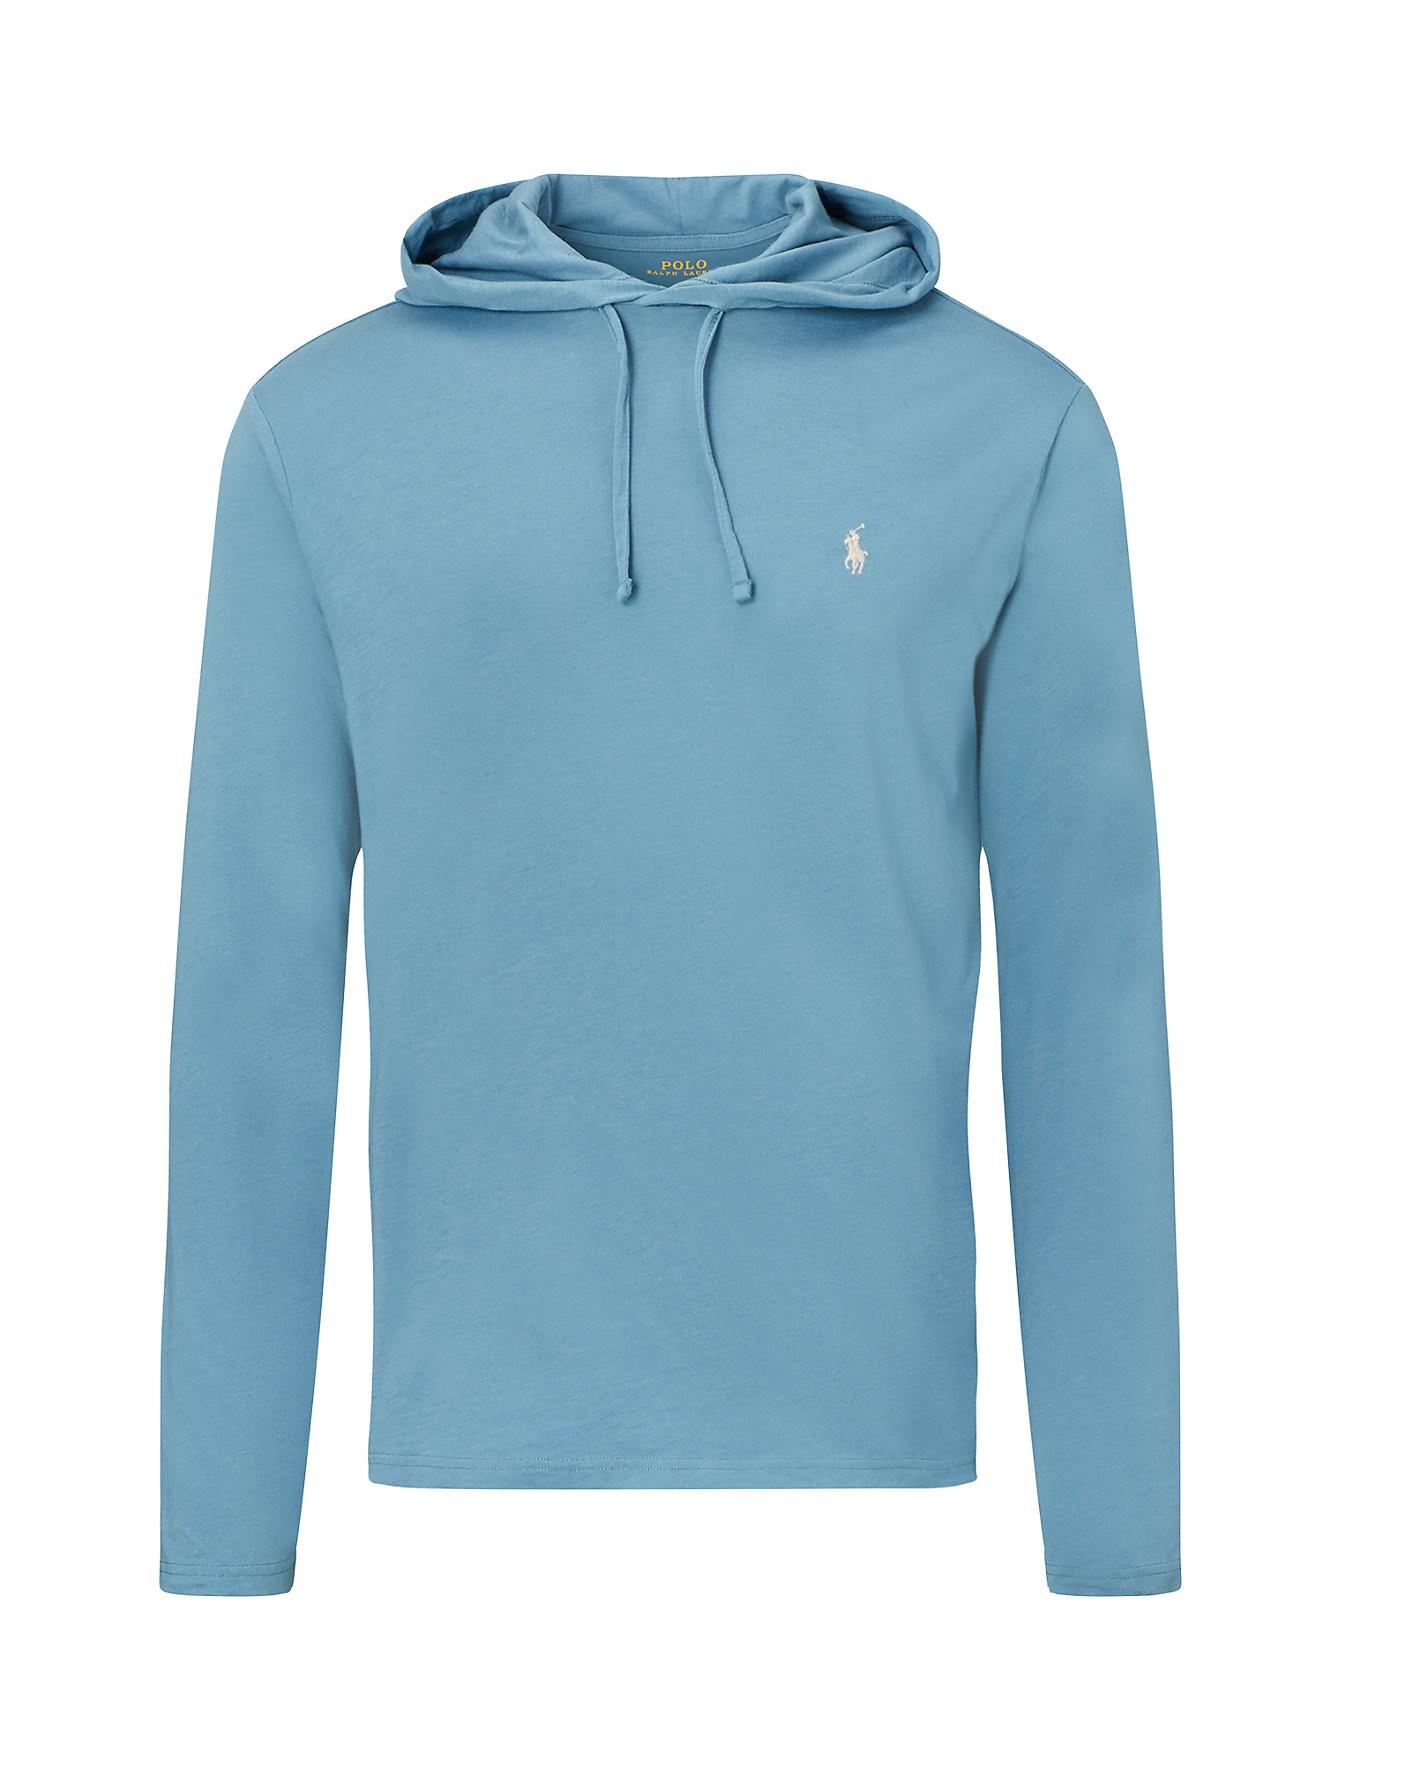 9158cbf981e Polo Ralph Lauren Cotton Jersey Hooded T-Shirt In Blues | ModeSens